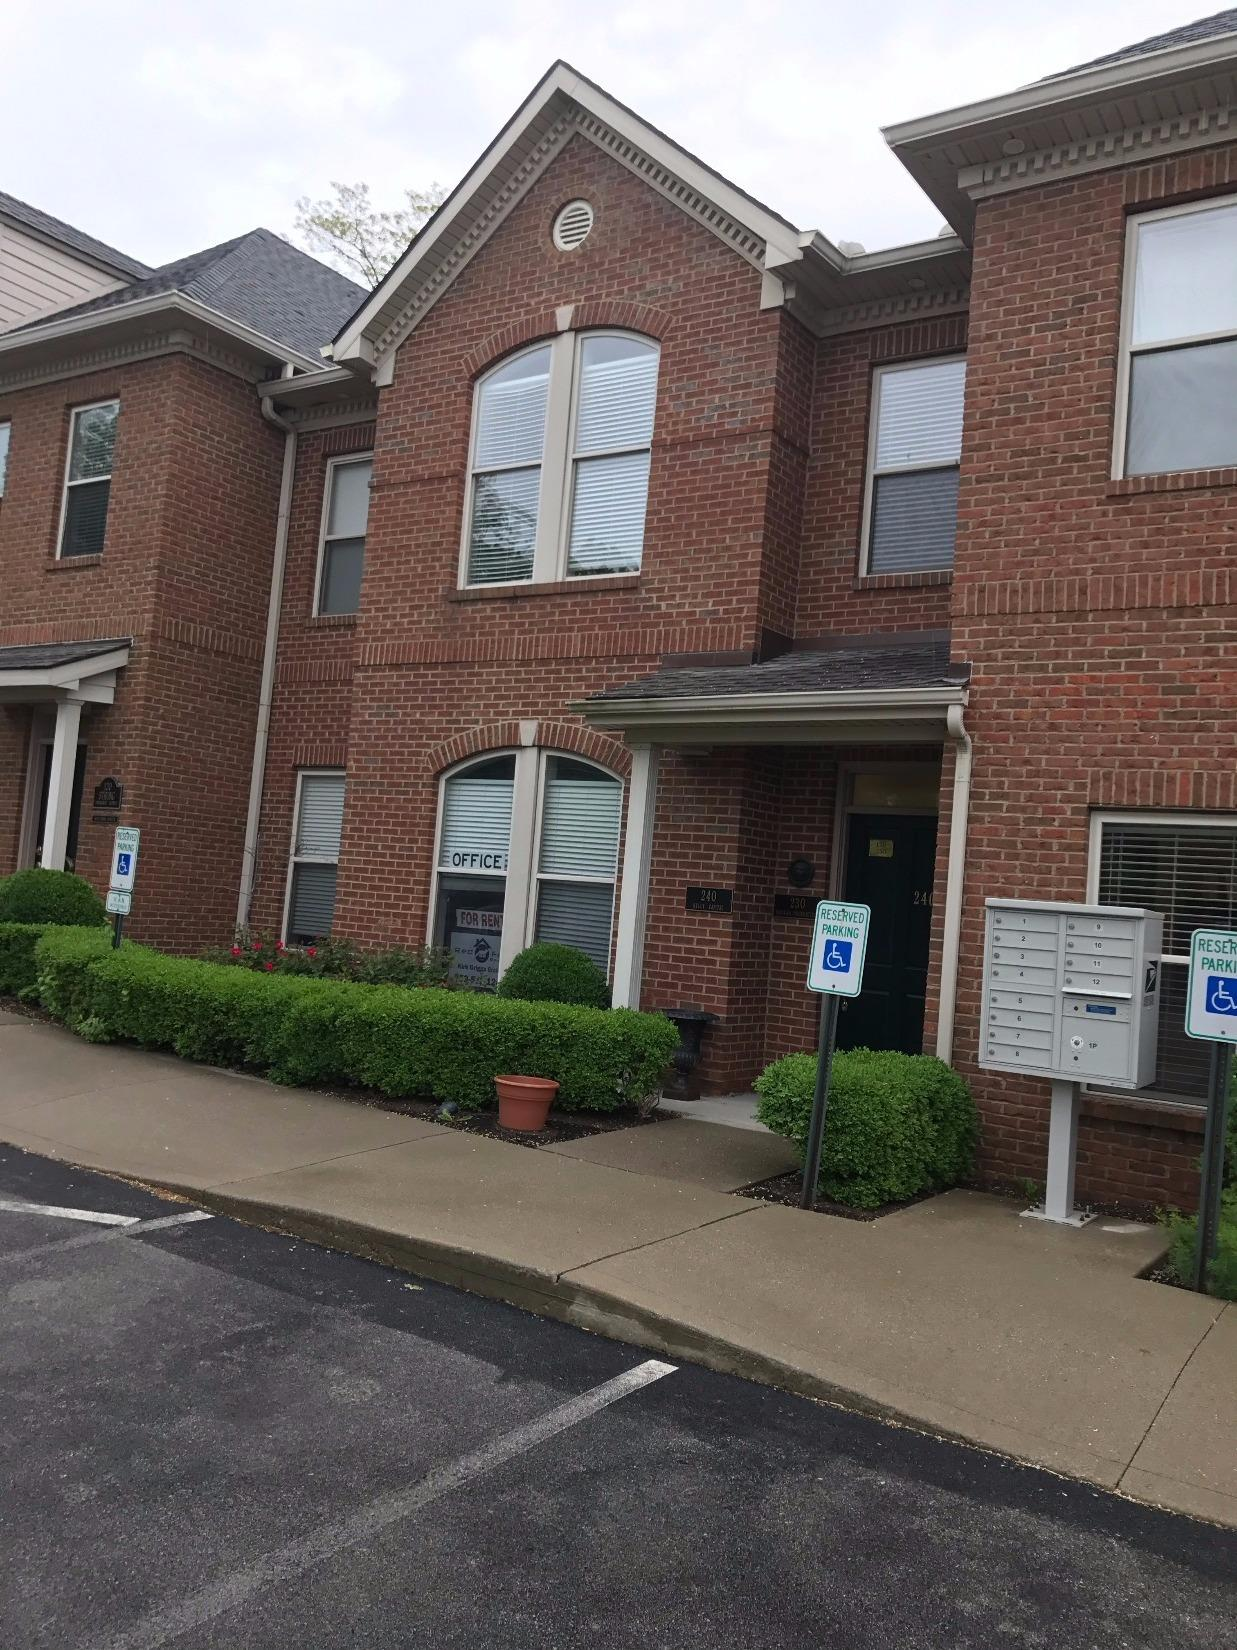 80 Codell 130, Lexington, KY 40509